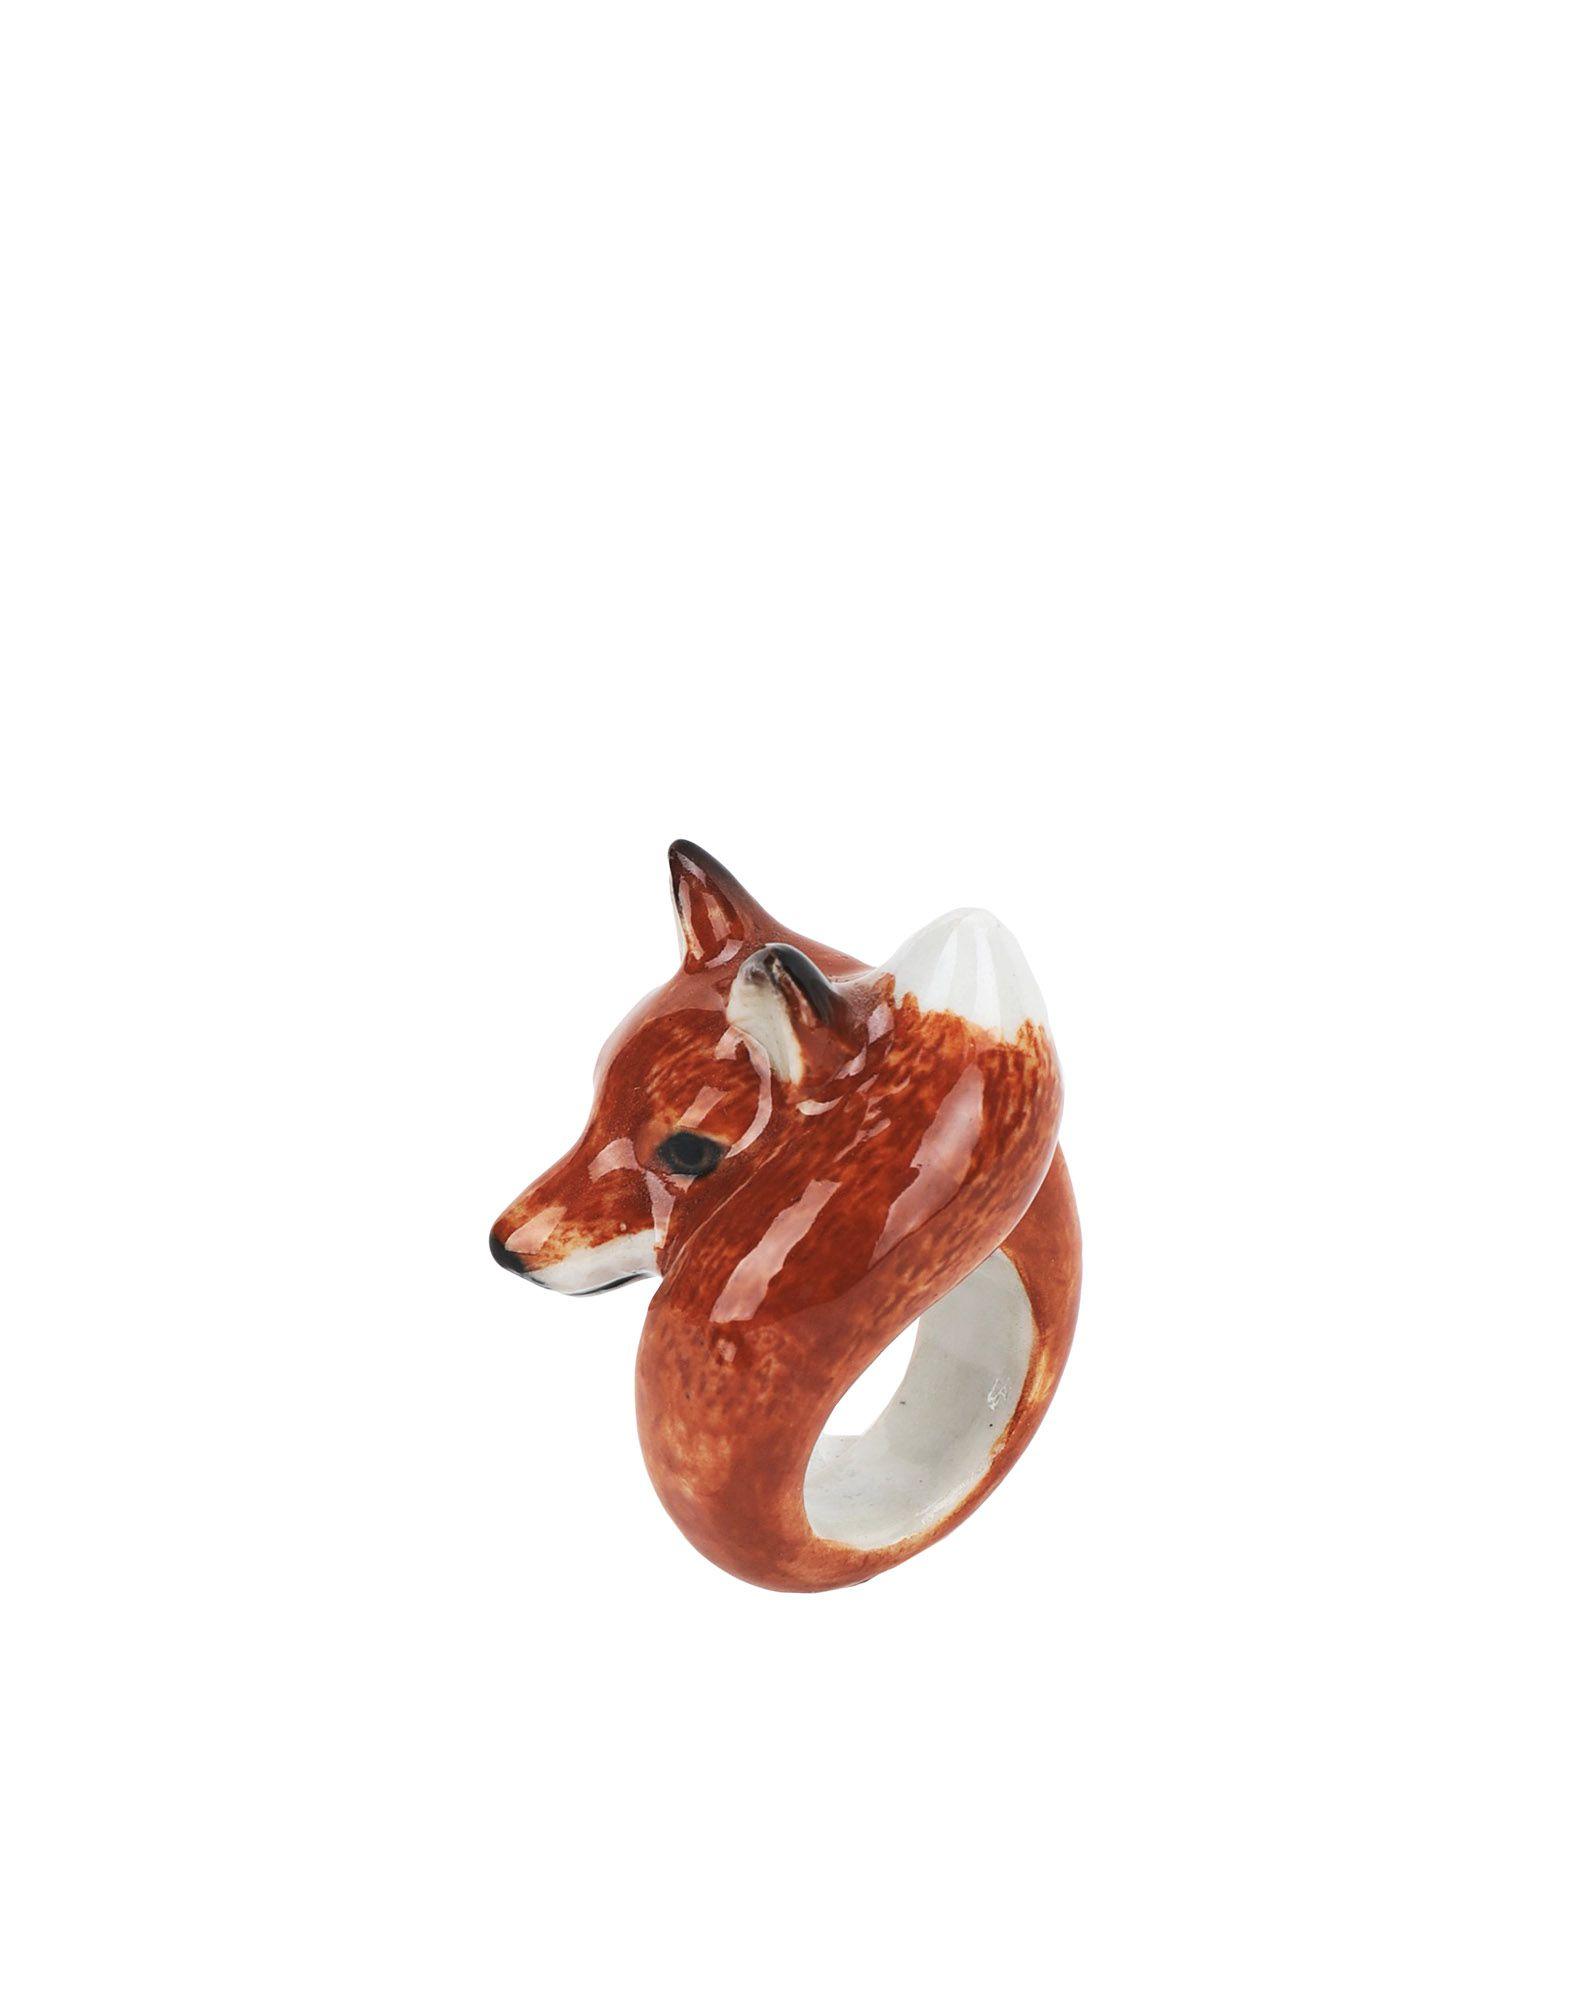 《期間限定 セール開催中》NACH レディース 指輪 ベージュ M セラミック 100% fox ROUND RING